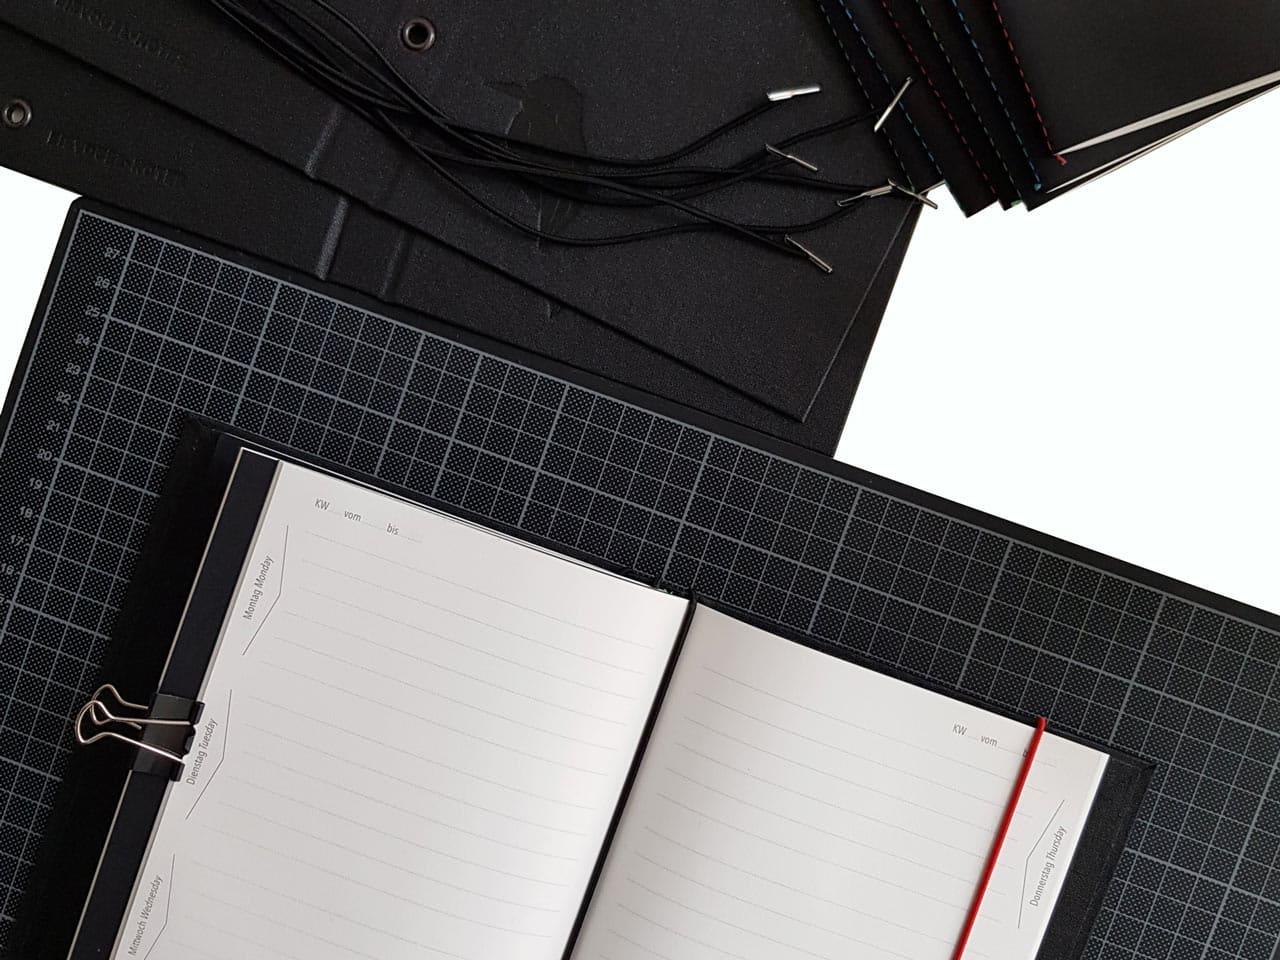 Eisvogel Notes, Notizbuch, Skizzenbuch, eisvogel berlin, kalender, individuelles, austauschbares